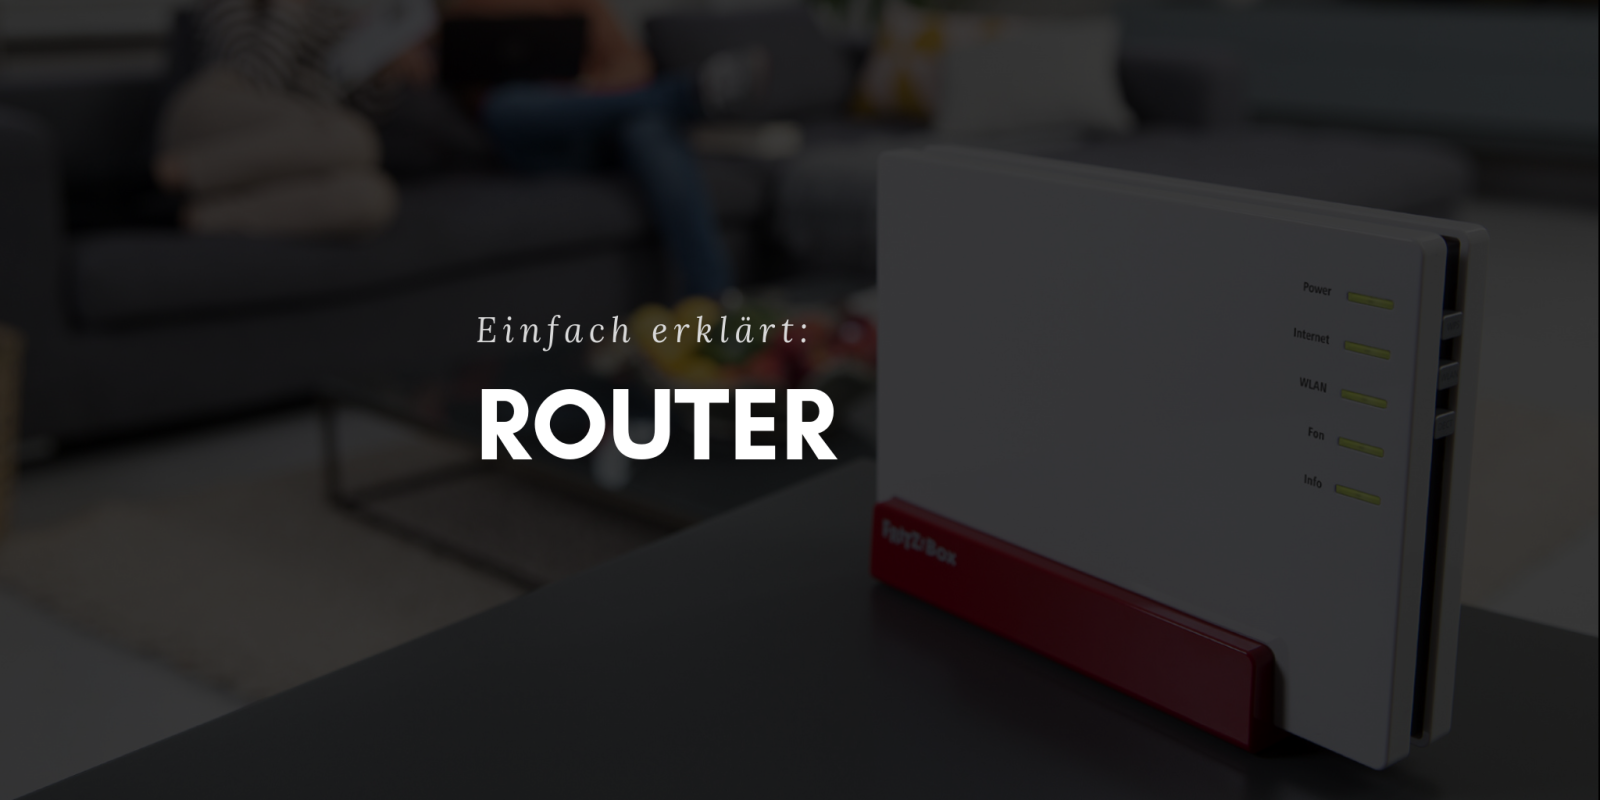 Router - Was ist das? Einfach erklärt